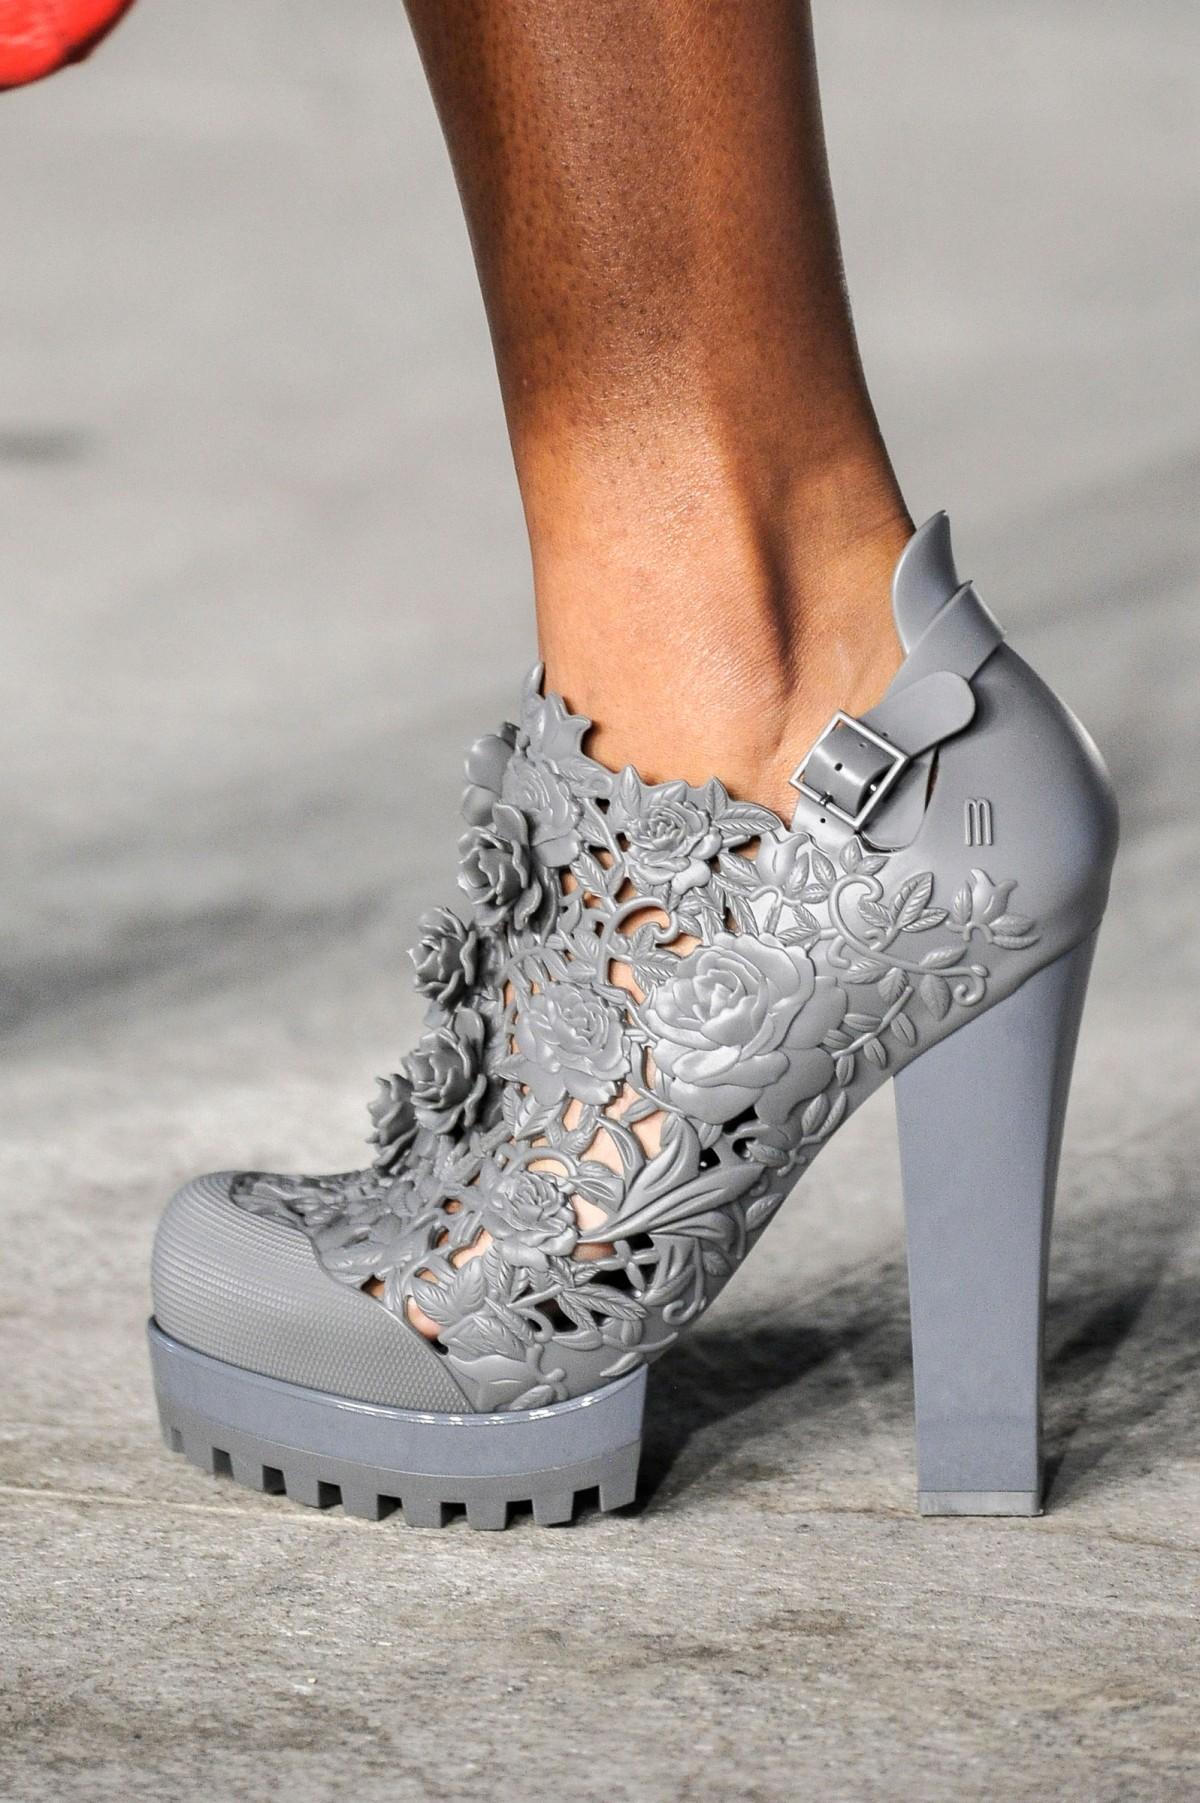 dae3fdc62 Galeria de Fotos Acerte o passo: os melhores sapatos nas tendências mais  quentes do SPFW // Thumbs // Notícias // FFW